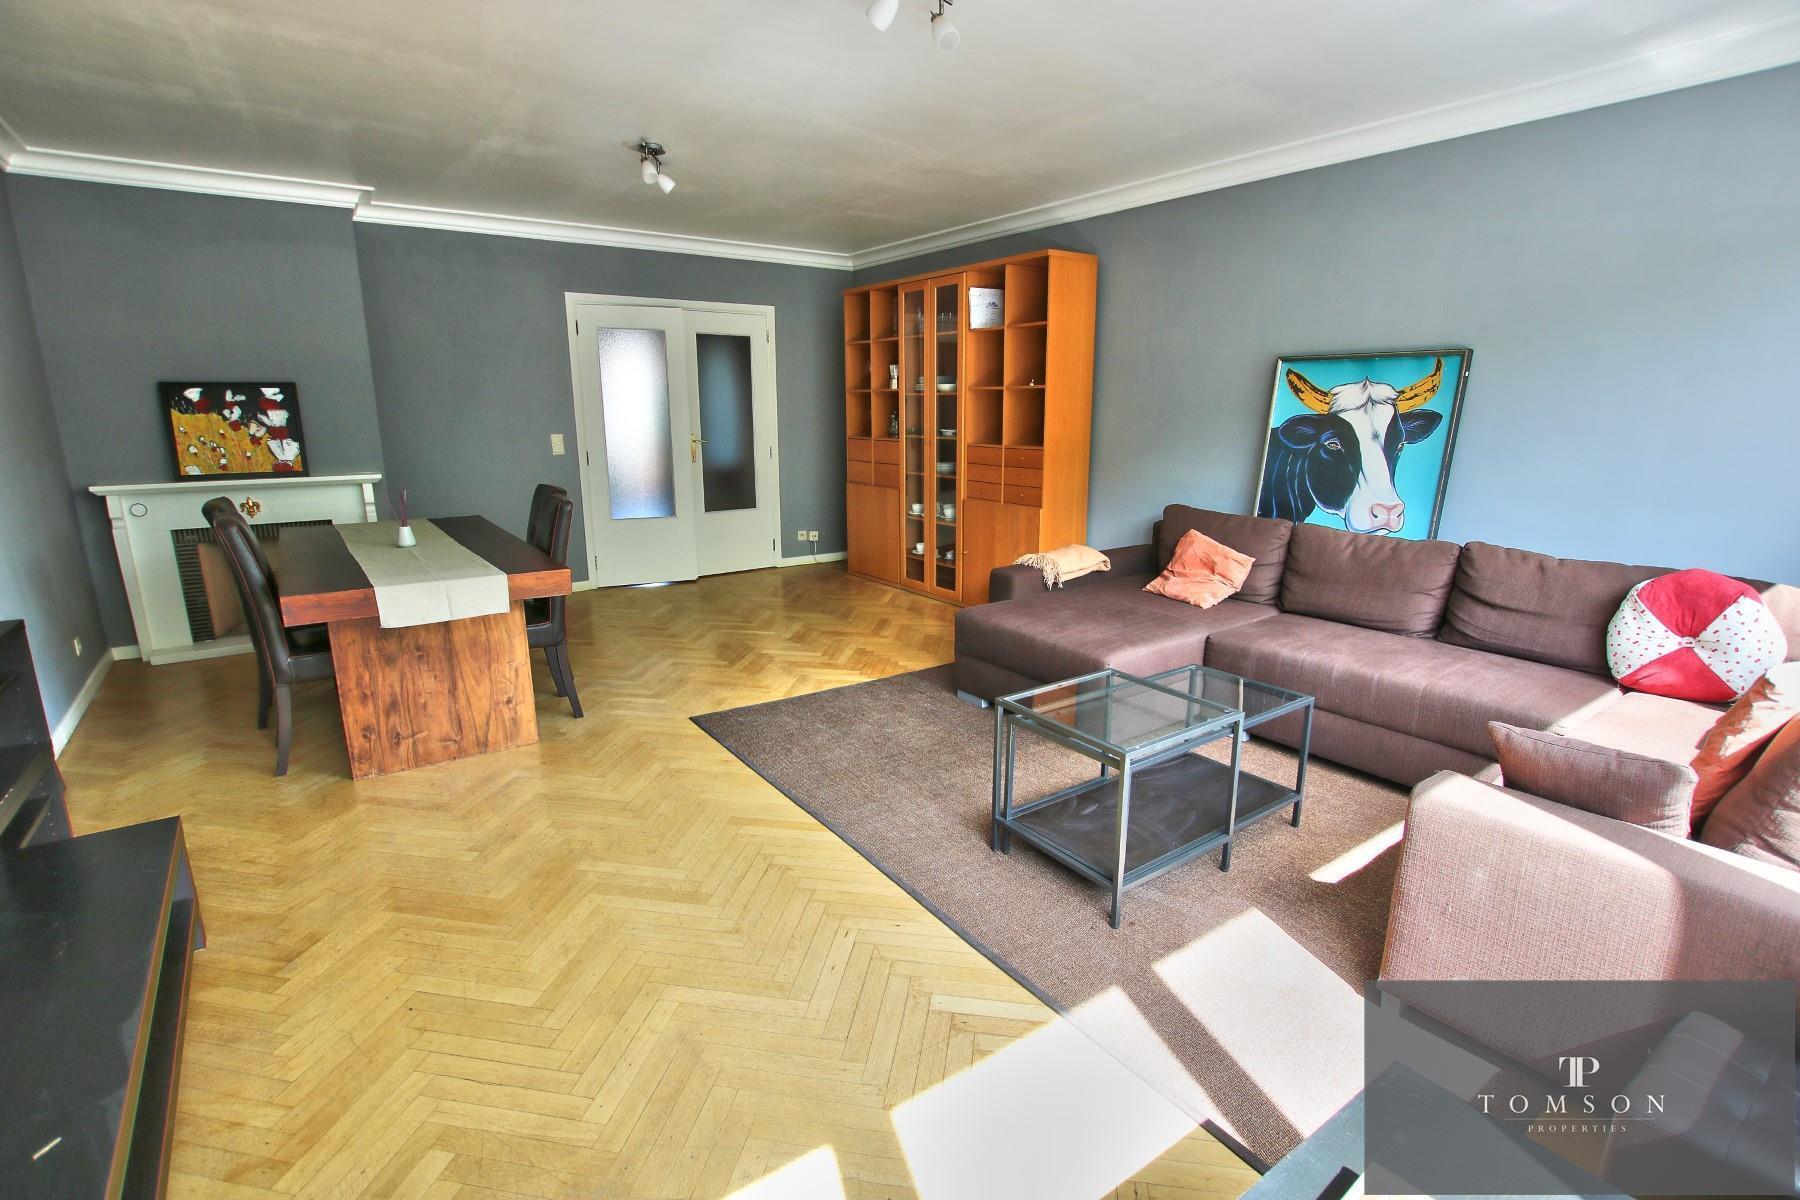 Appartement - Woluwe-Saint-Pierre - #4105915-2